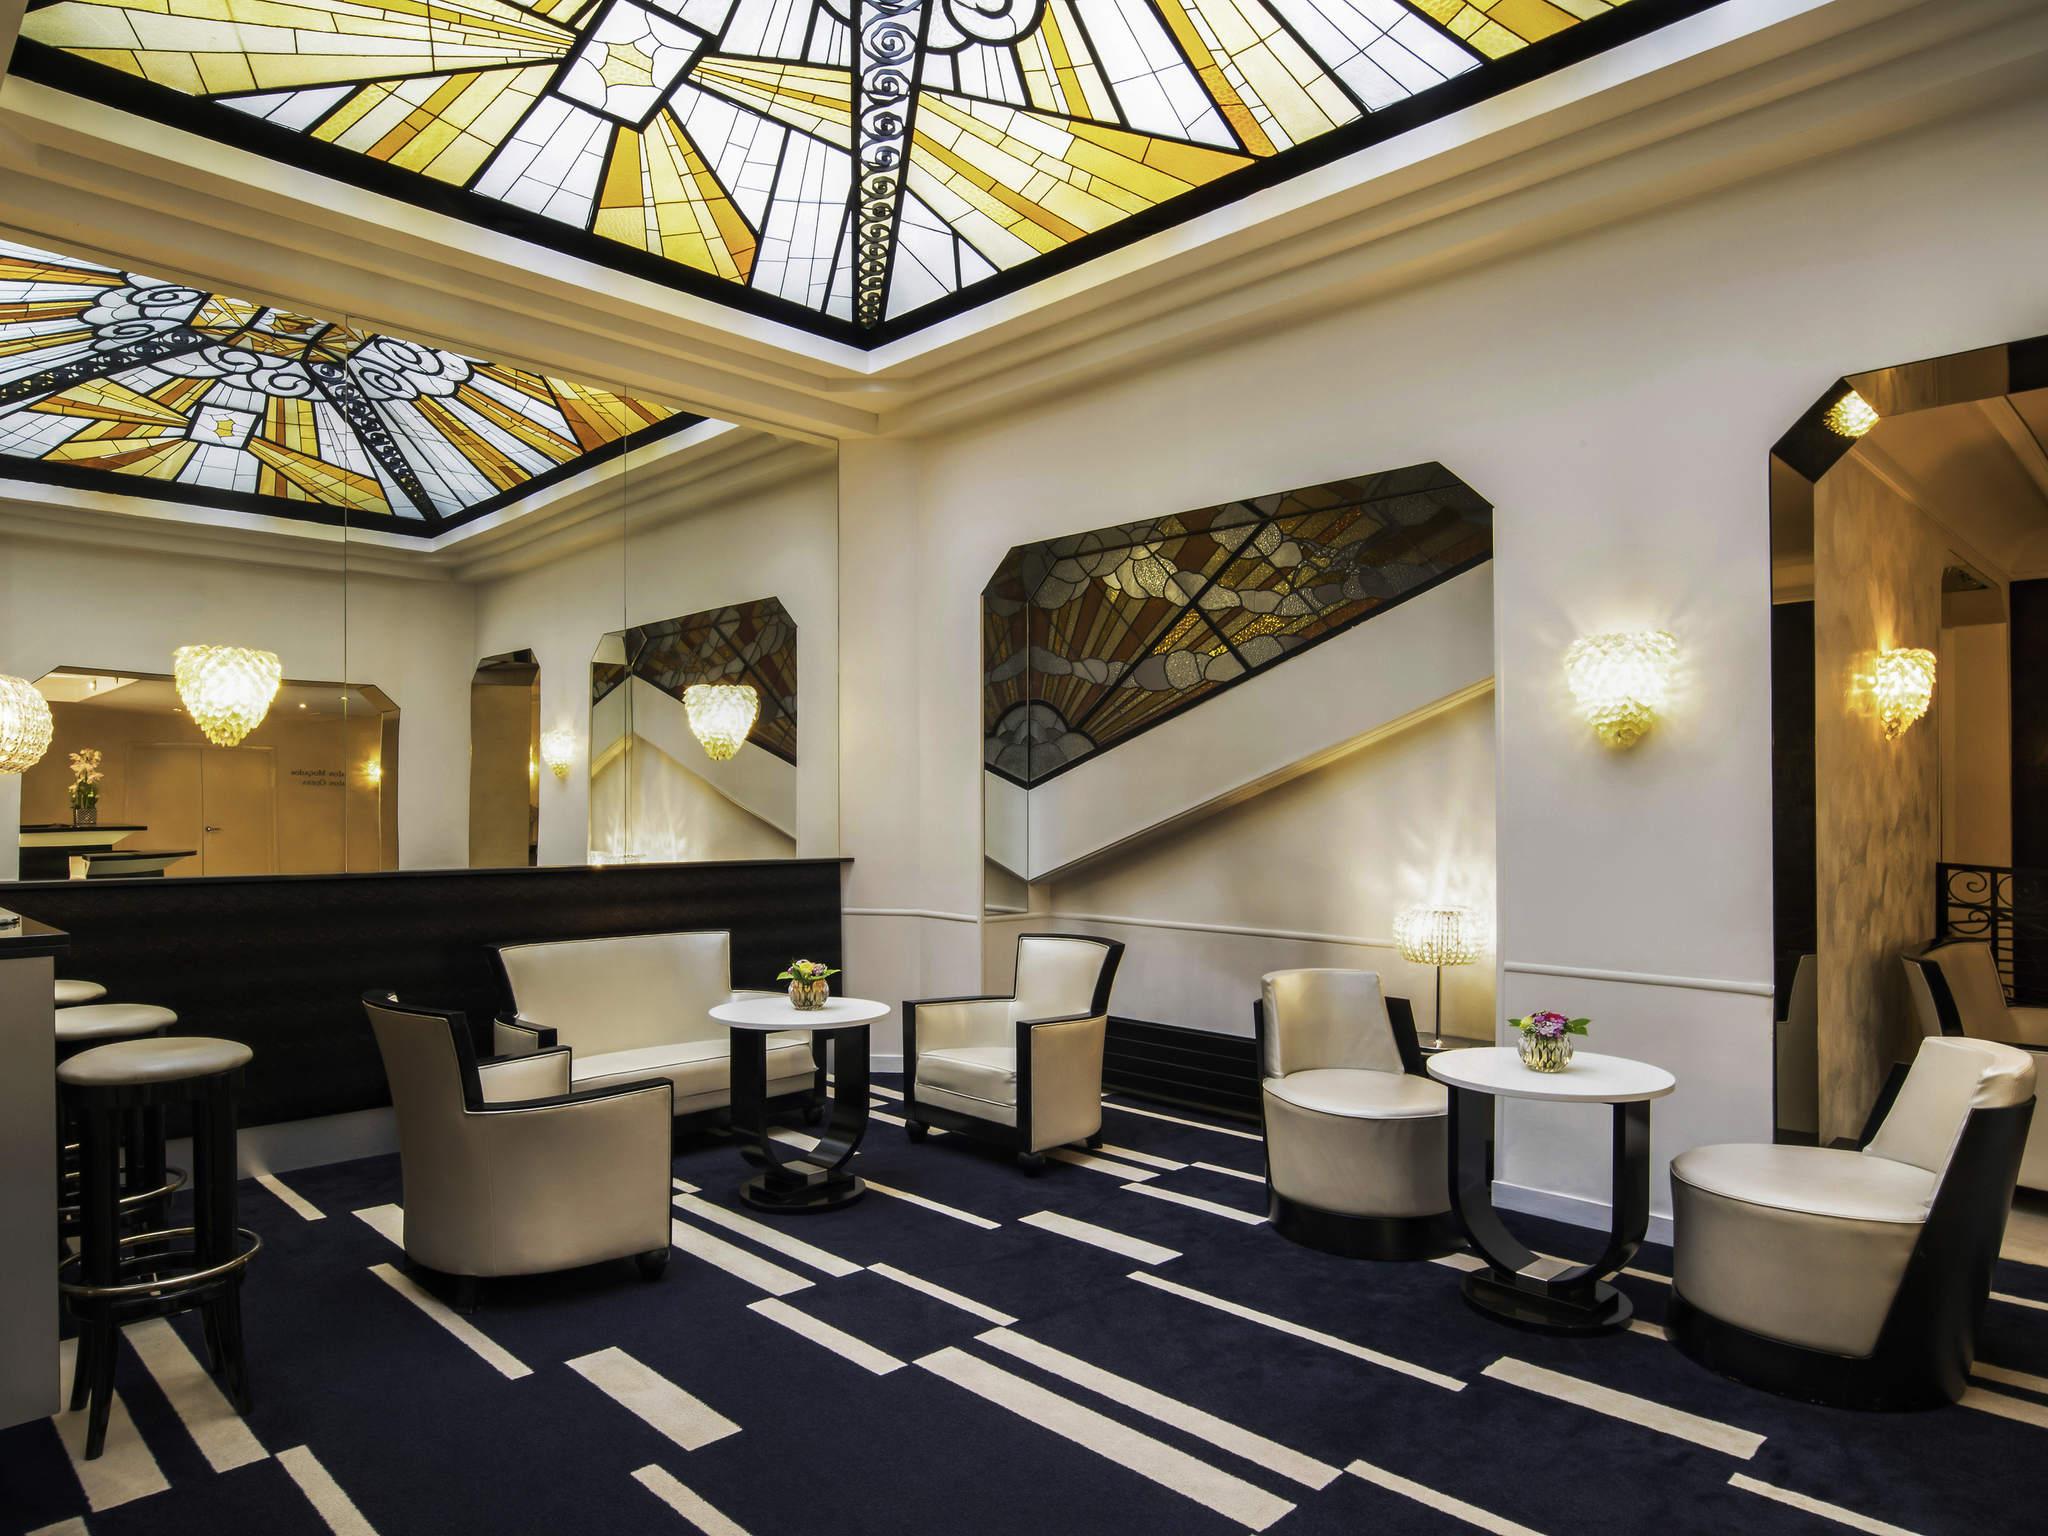 โรงแรม – โรงแรมเมอร์เคียว ปารีส โอเปร่า โฟบู มงมาทร์